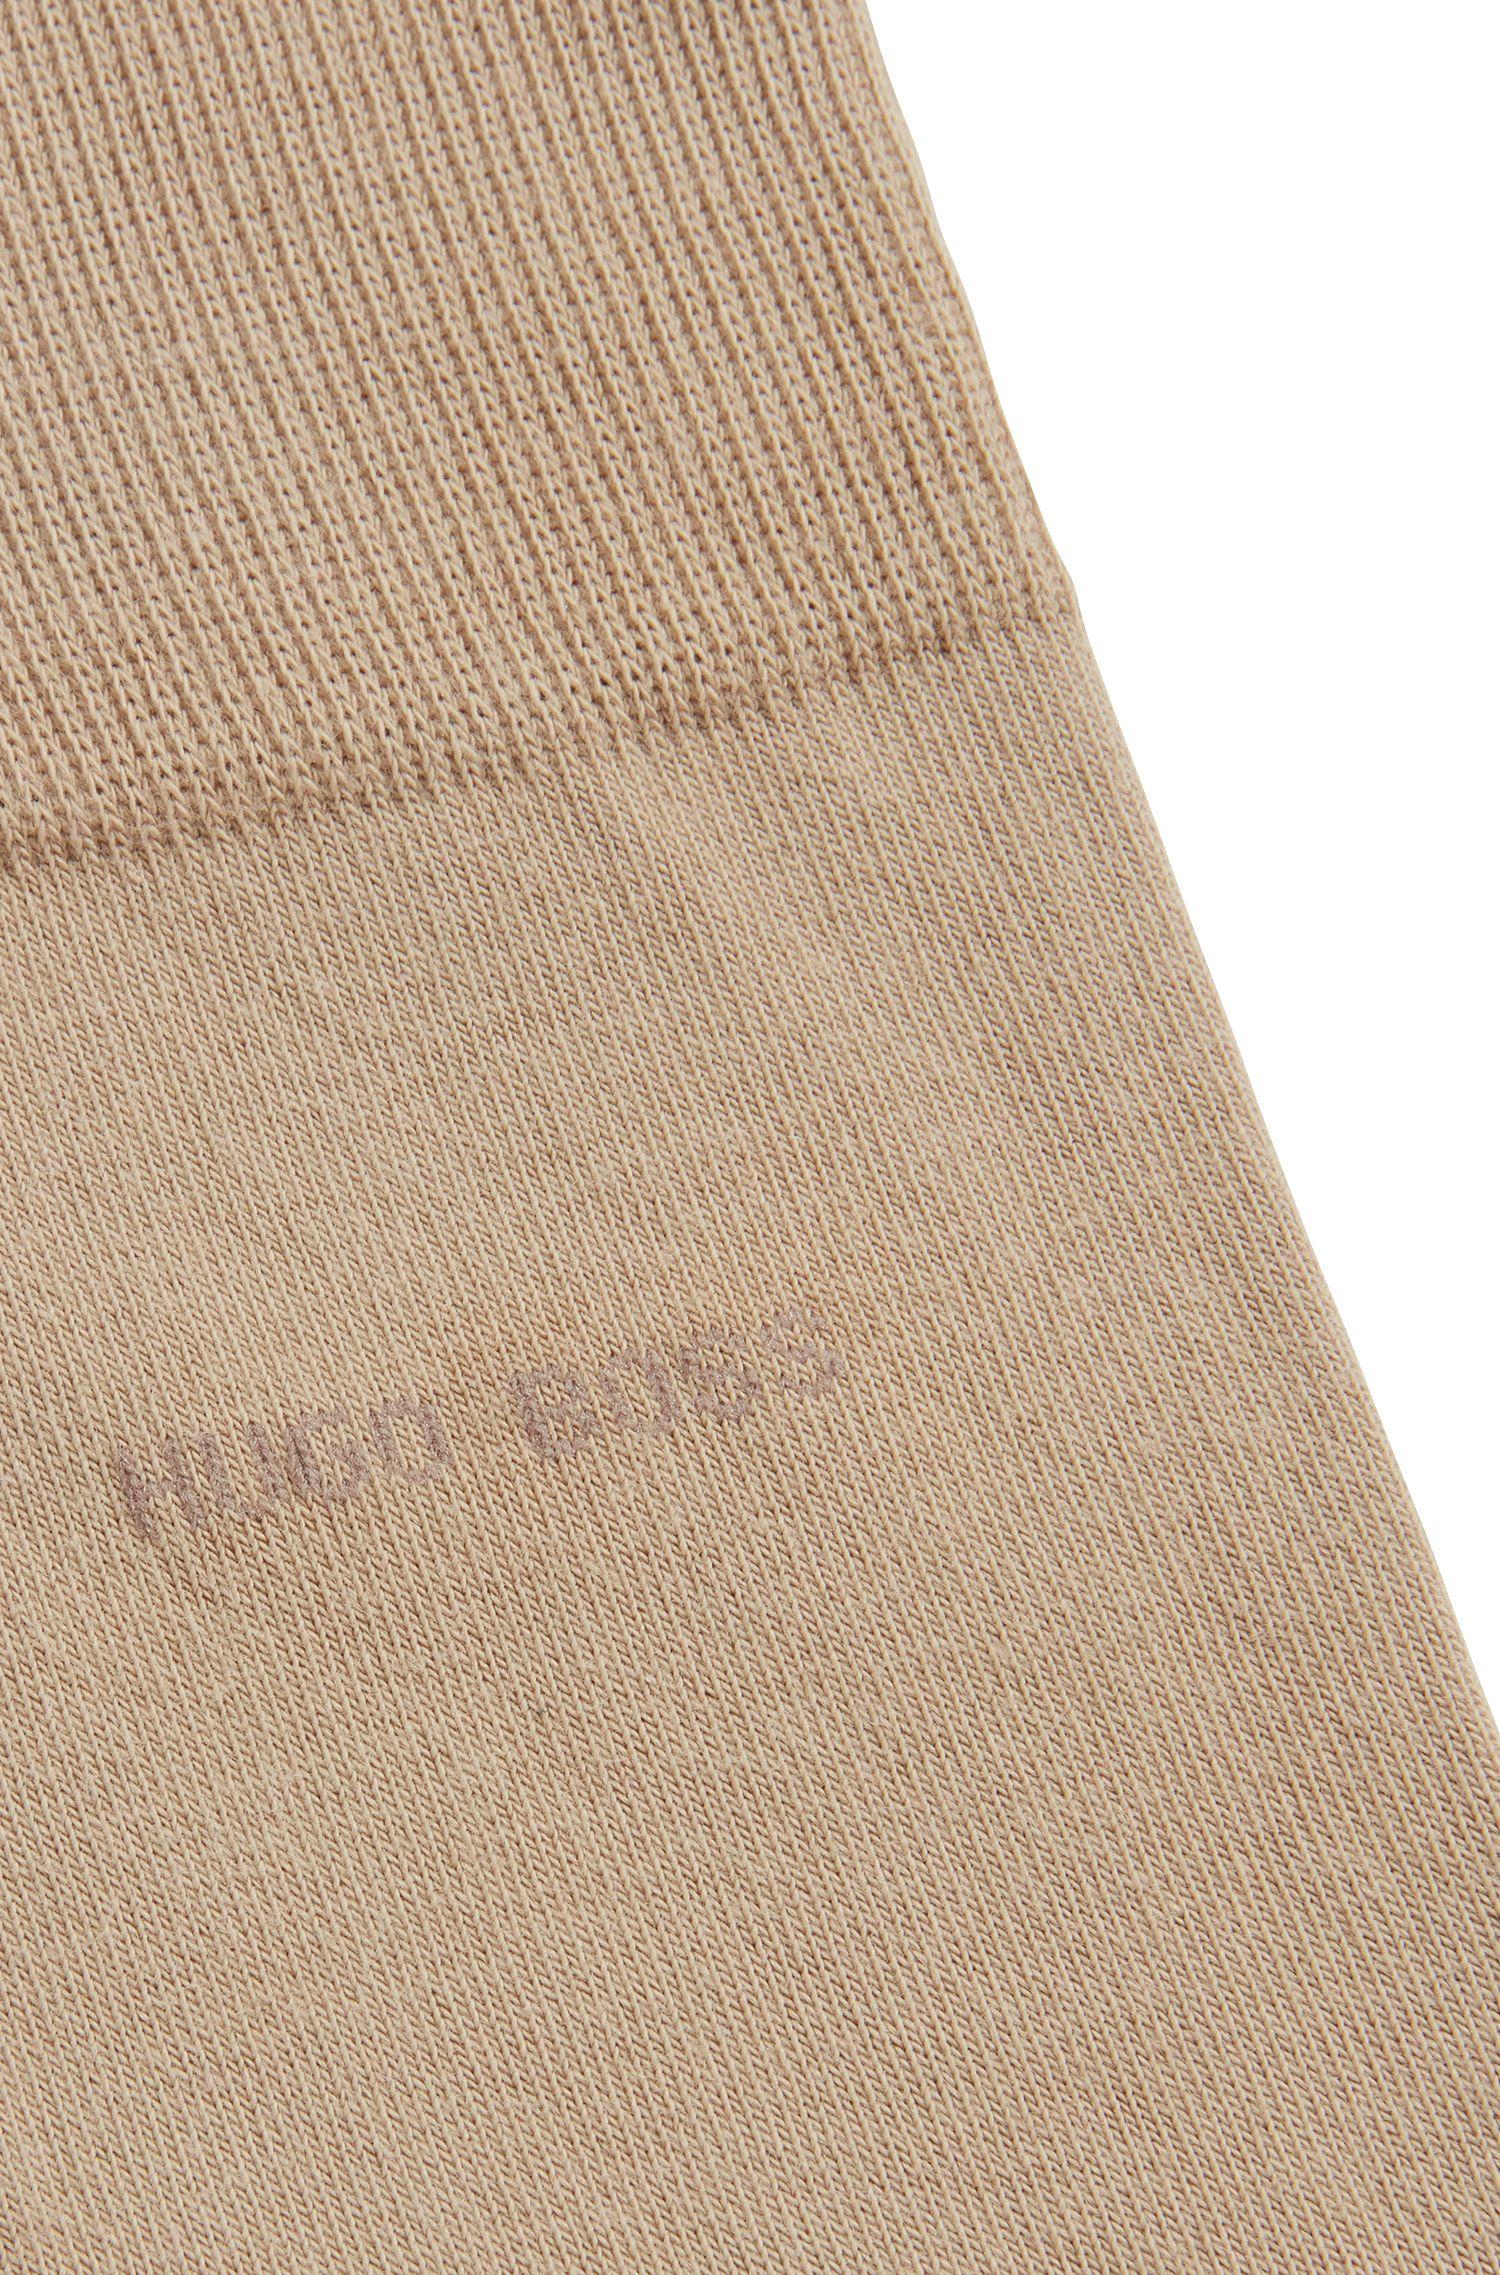 Calze in cotone ecologico pettinato con tessuto elasticizzato, Beige